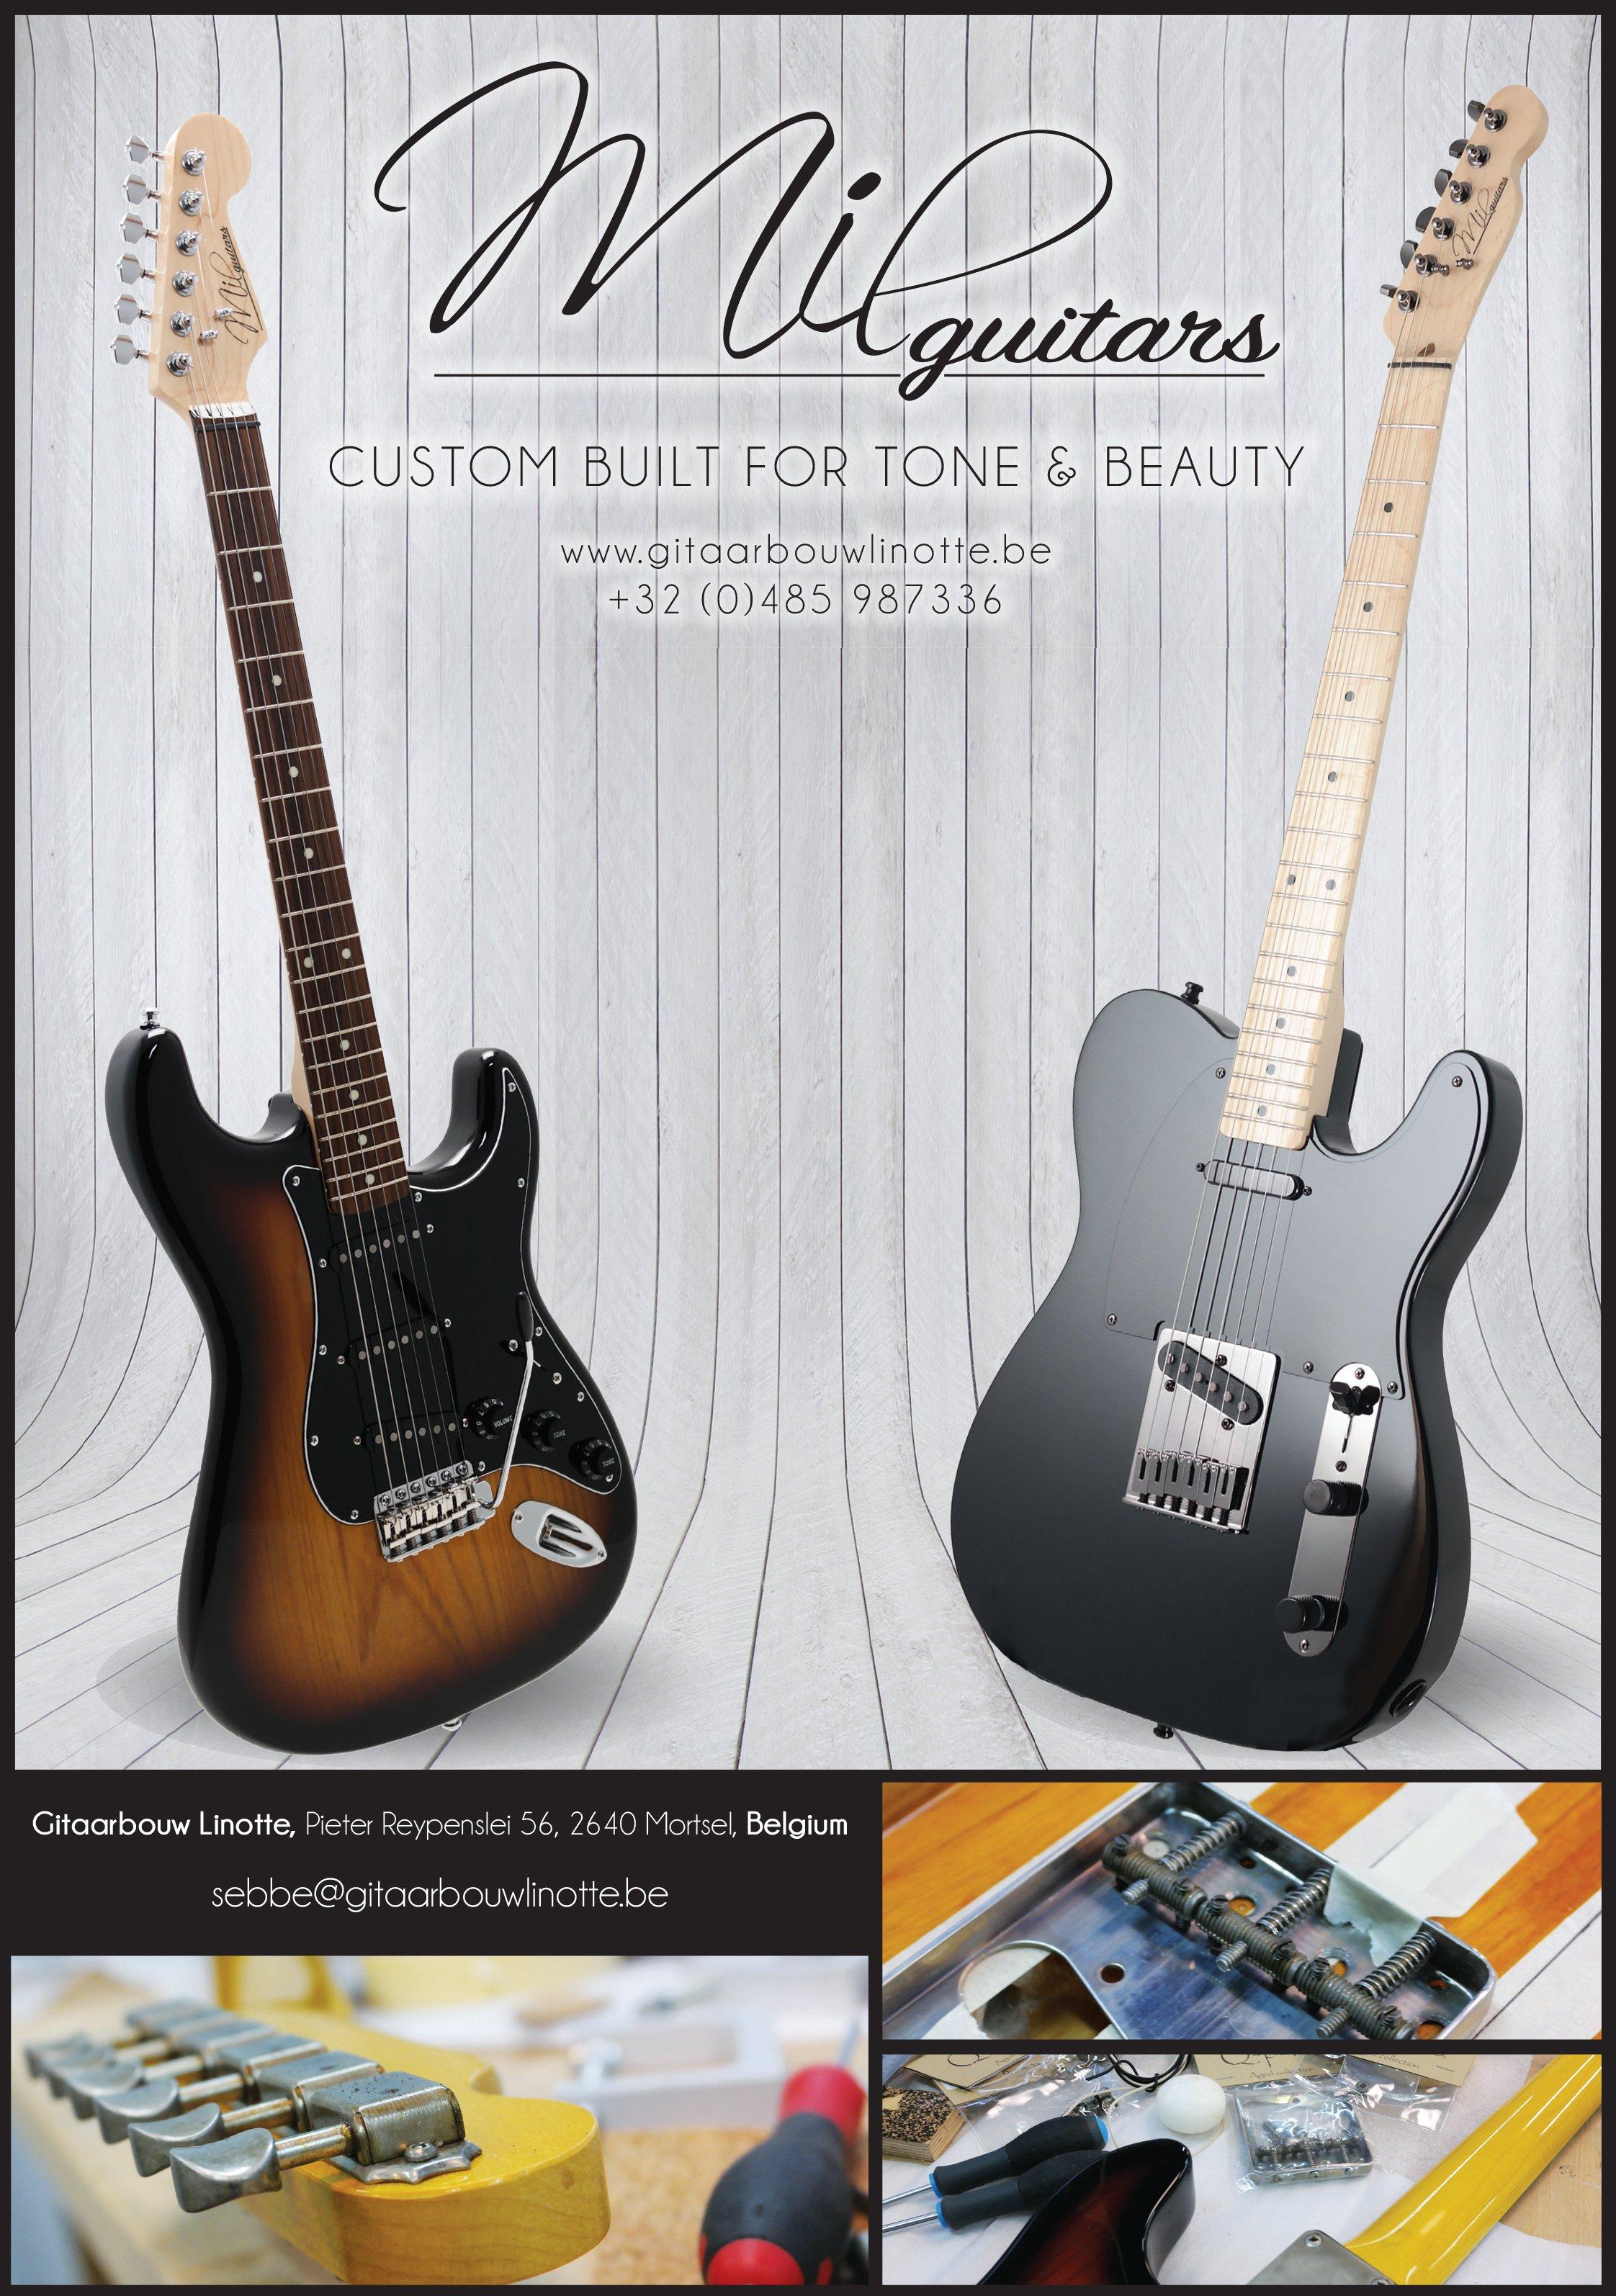 Mil Guitars elektrische gitaren custom shop Antwerpen